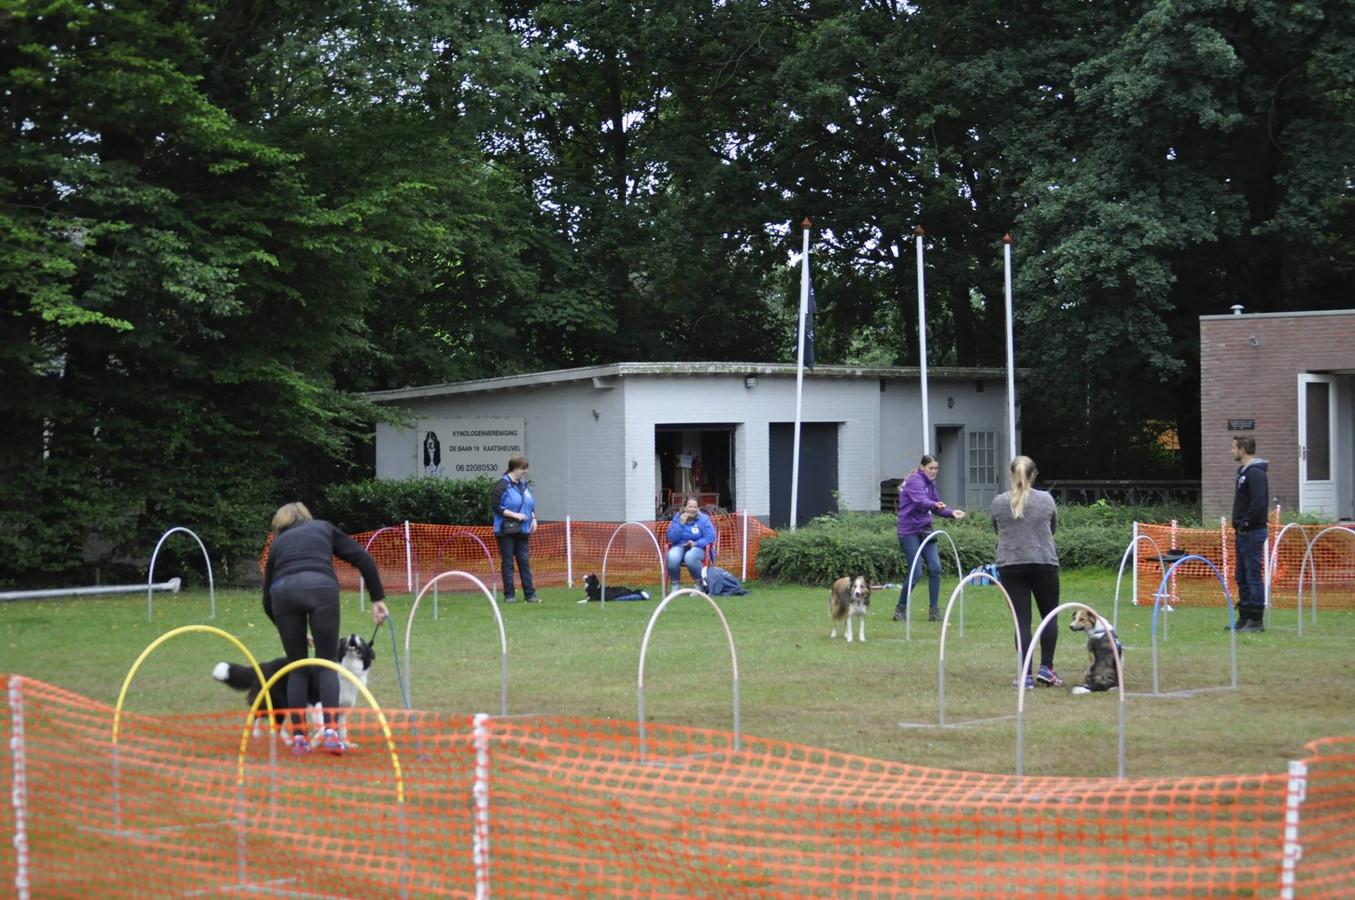 Het clubterrein van Kynologenvereniging Waalwijk e.o. aan de Baan in Kaatsheuvel.